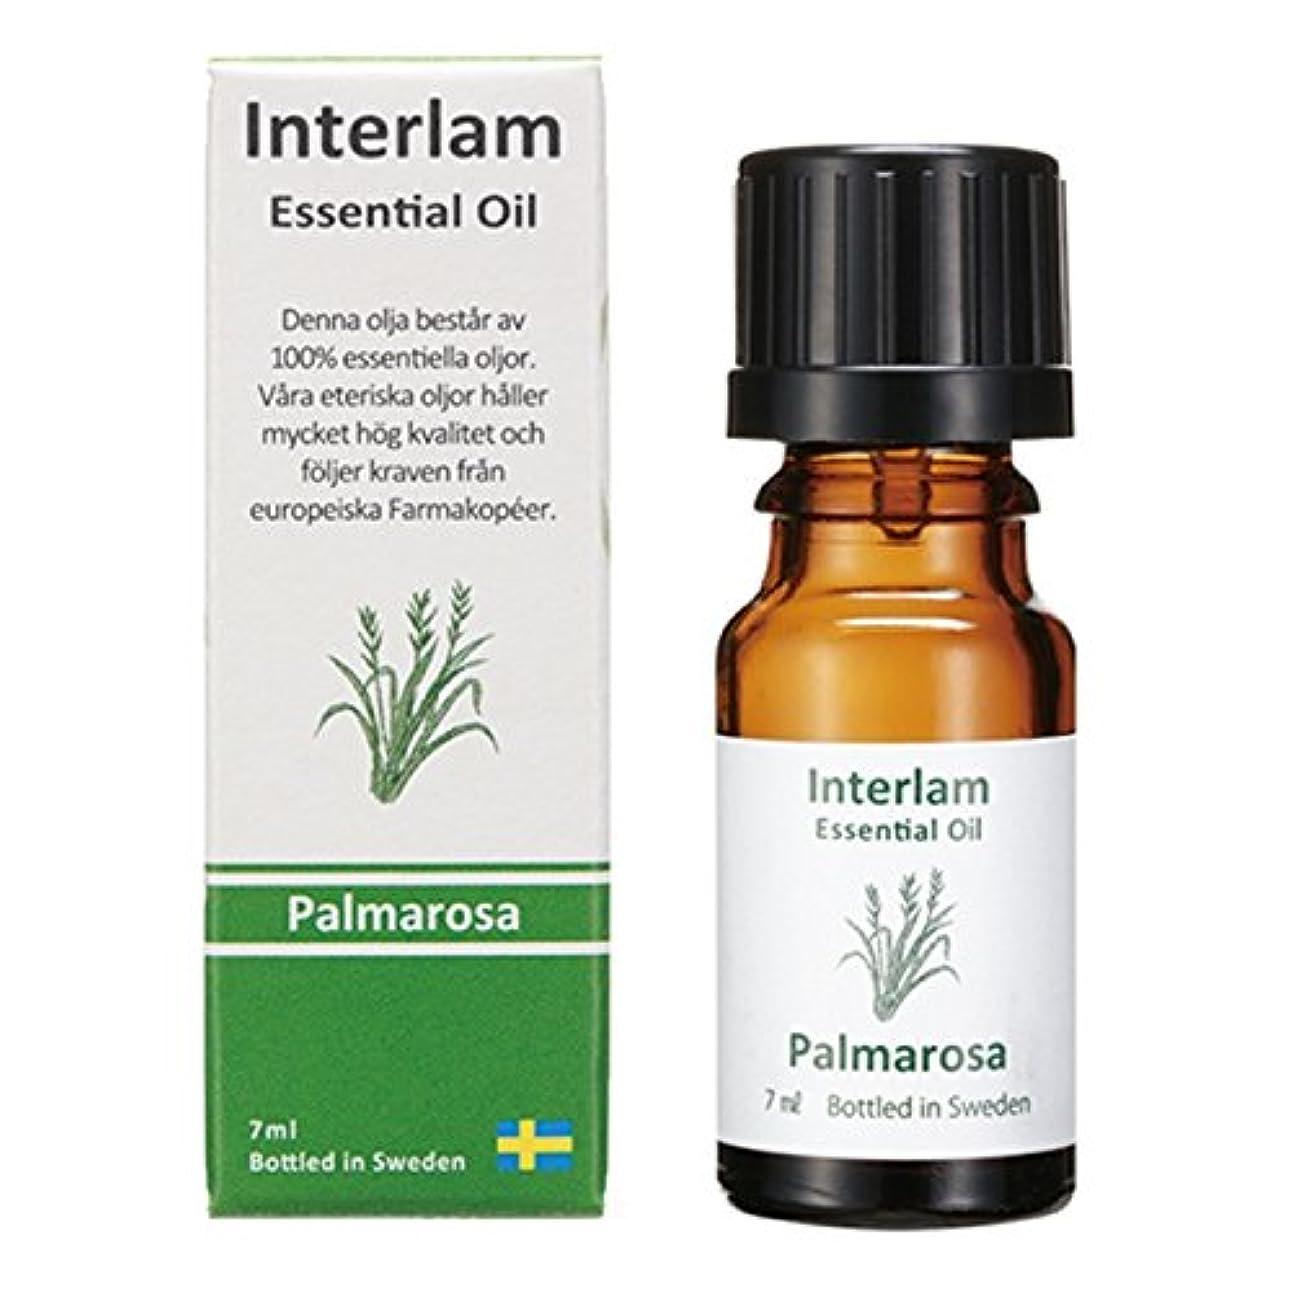 ヤギ重要助言Interlam エッセンシャルオイル パルマローザ 7ml